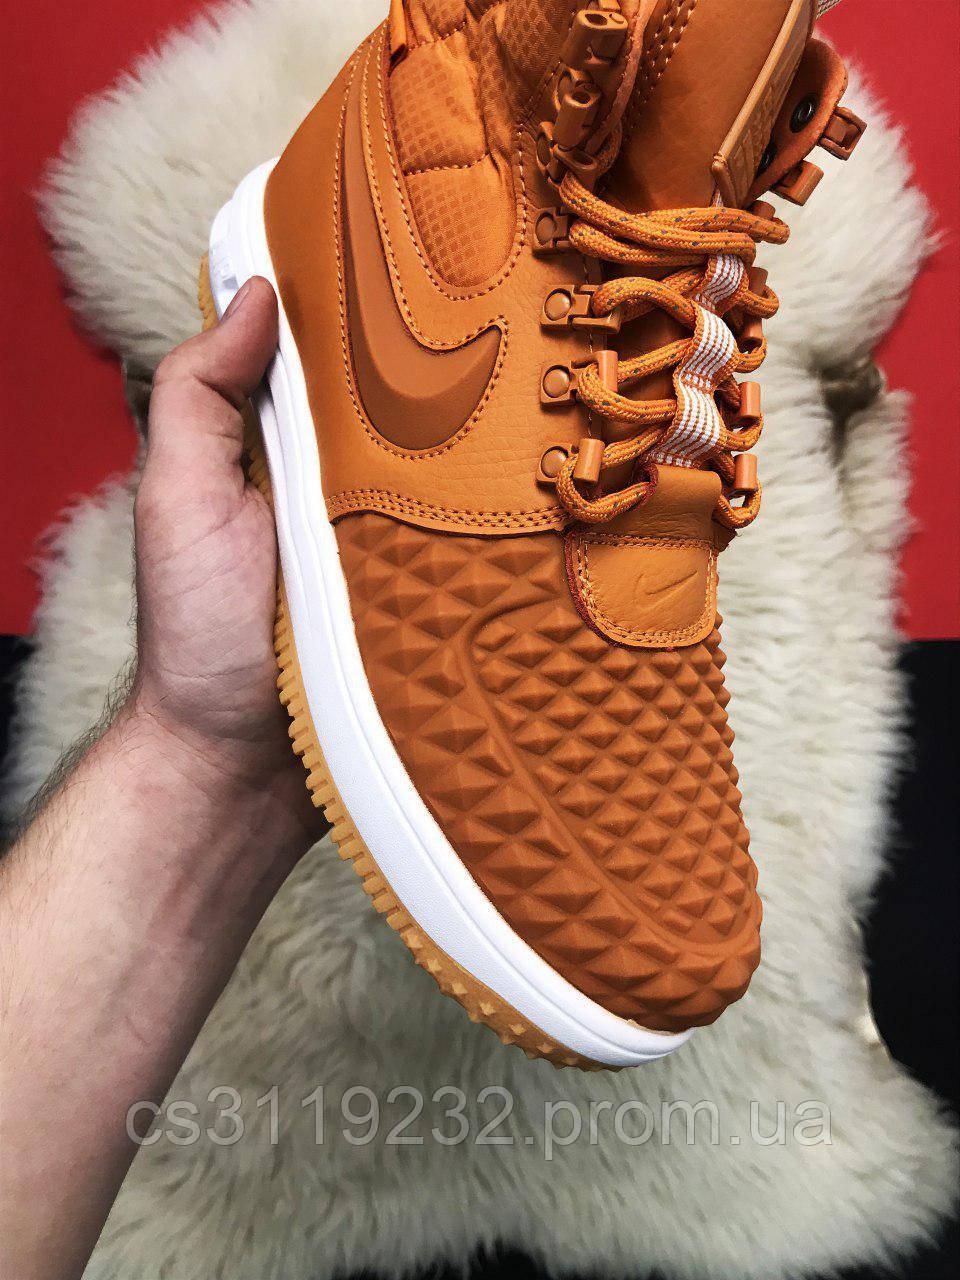 Мужские кроссовки Nike Lunar Force 1 Duckboot 17 (коричневые)